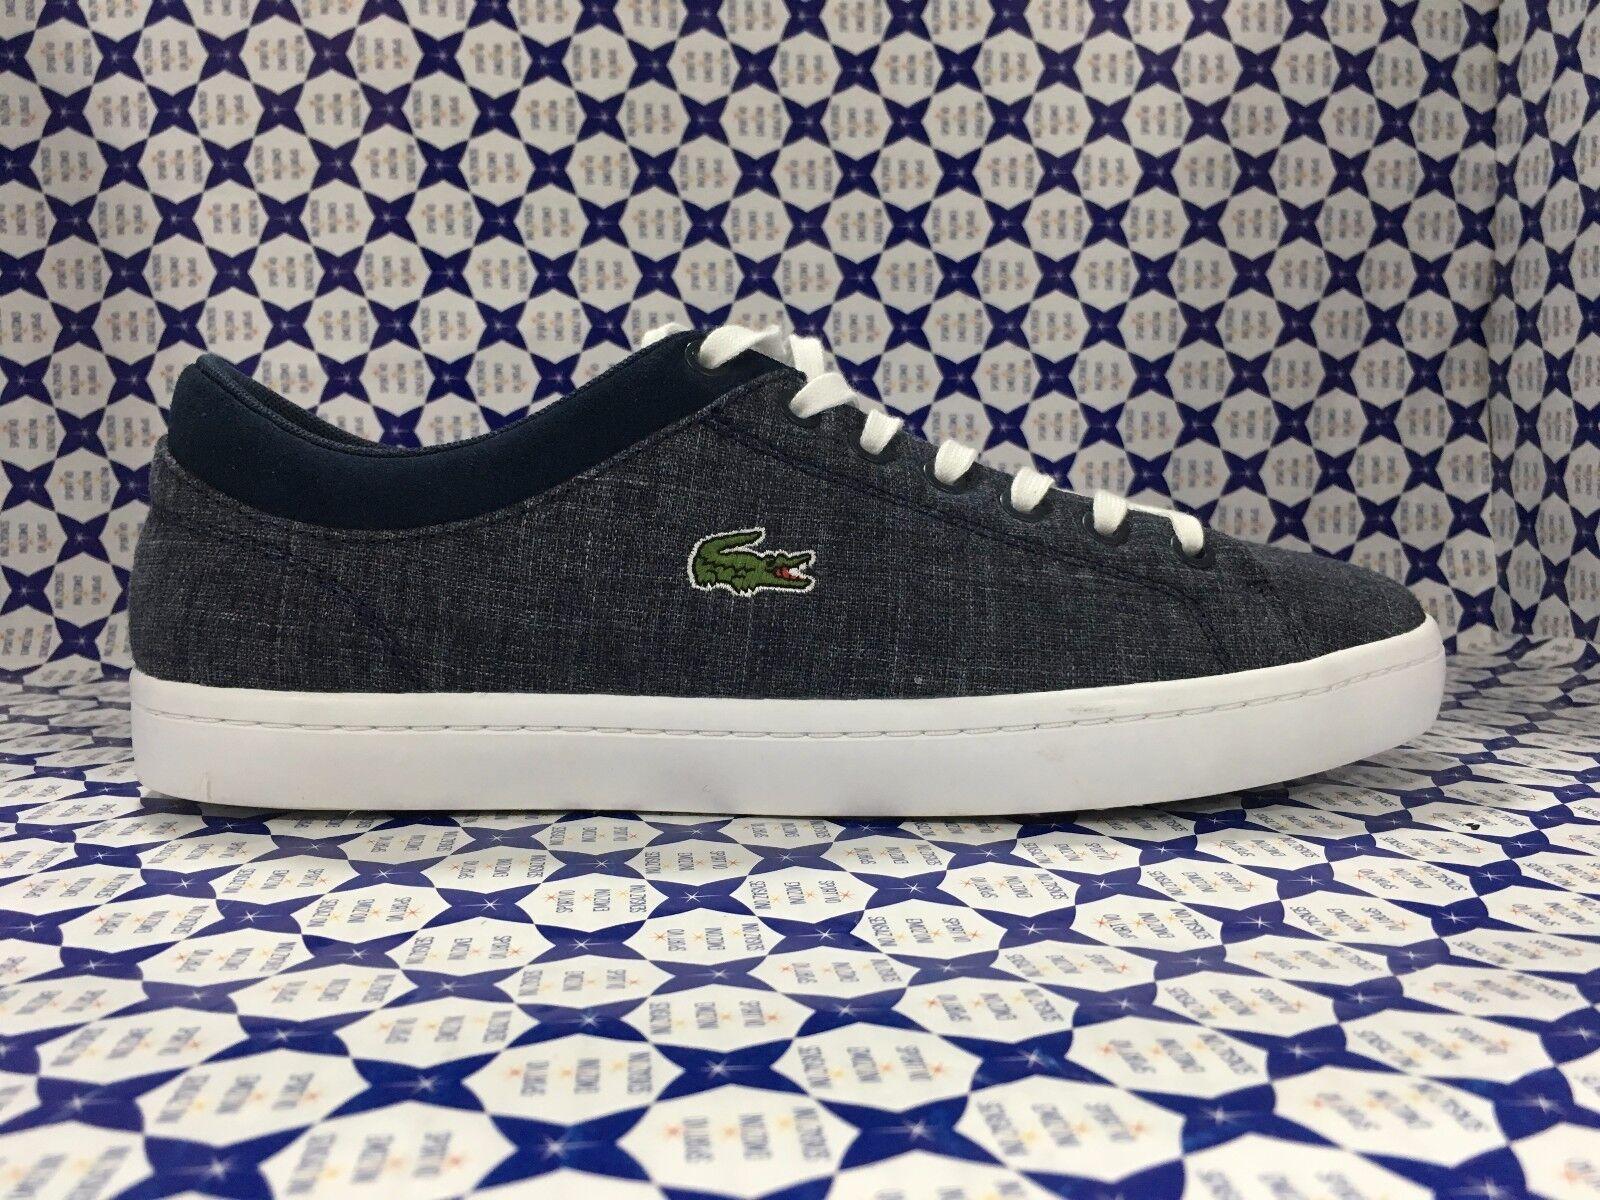 Scarpe casual da uomo  Scarpe LACOSTE Uomo Sneakers Straightset 217 - Denim - CAM1063